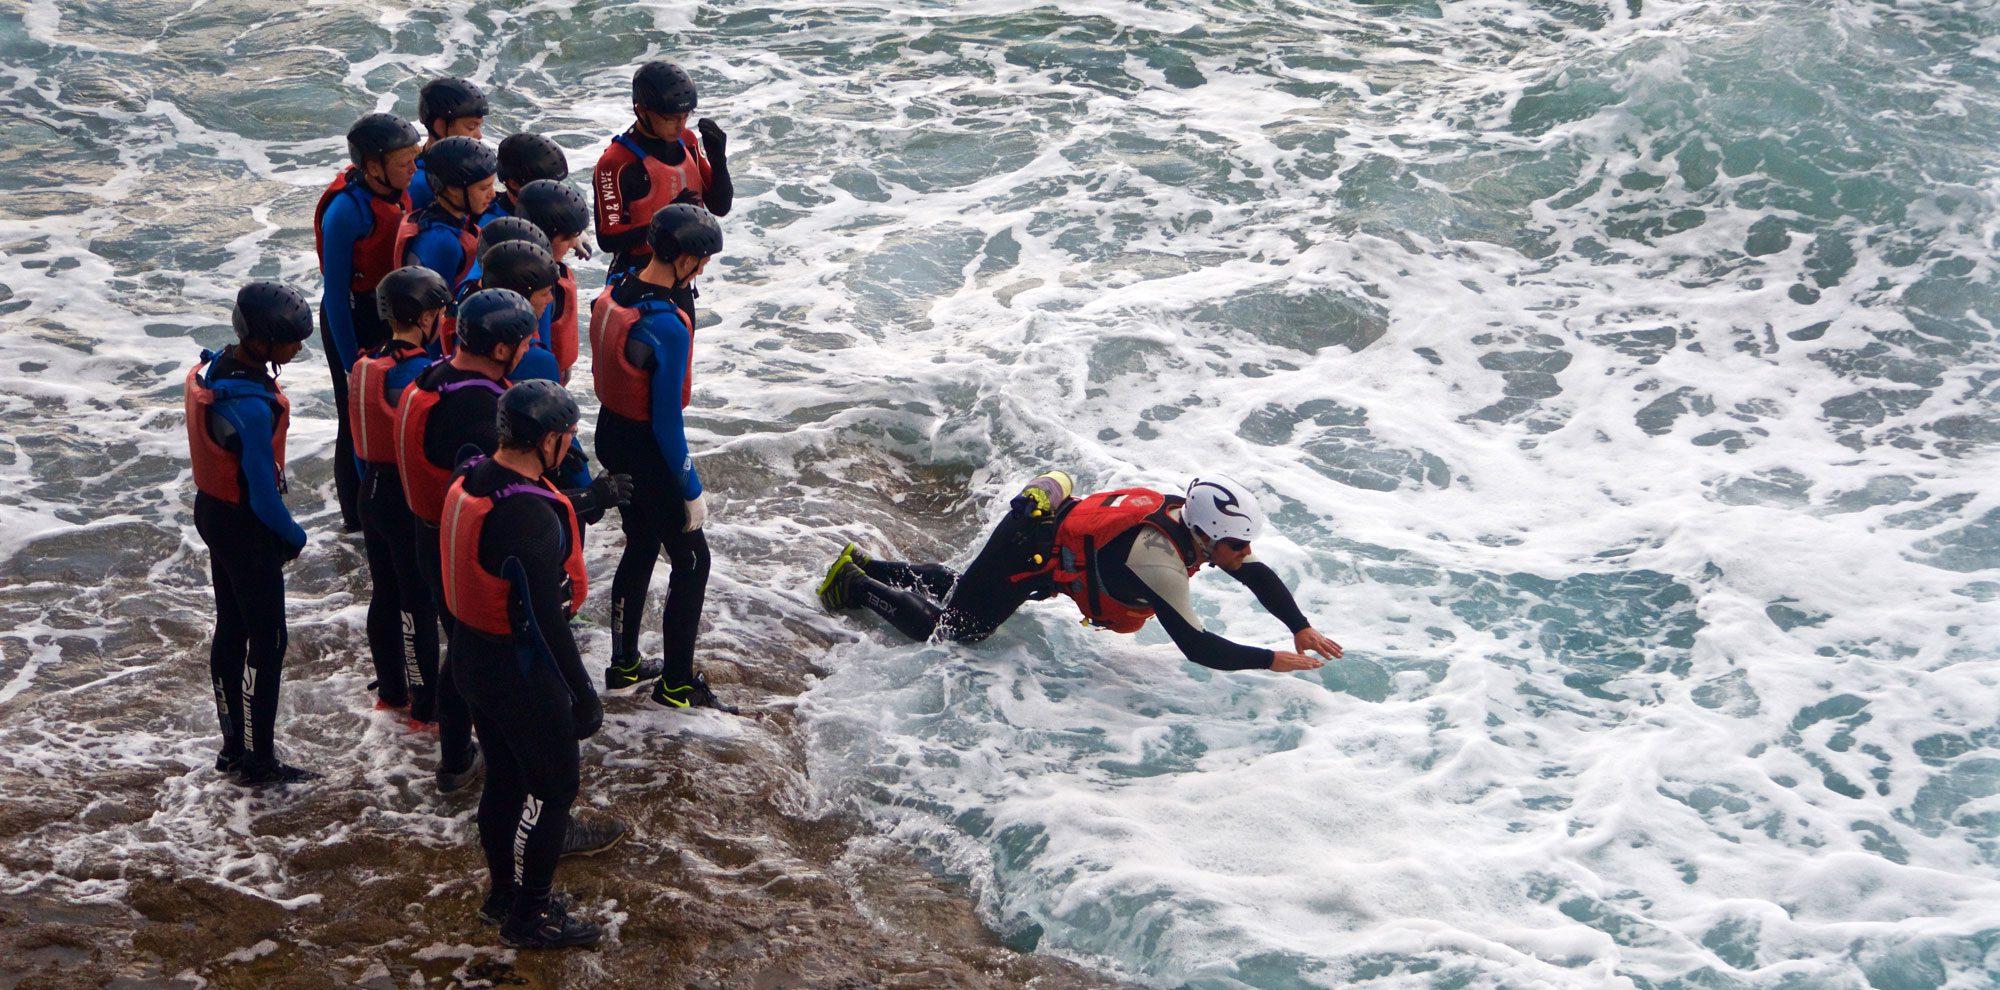 Coasteering in South Wales